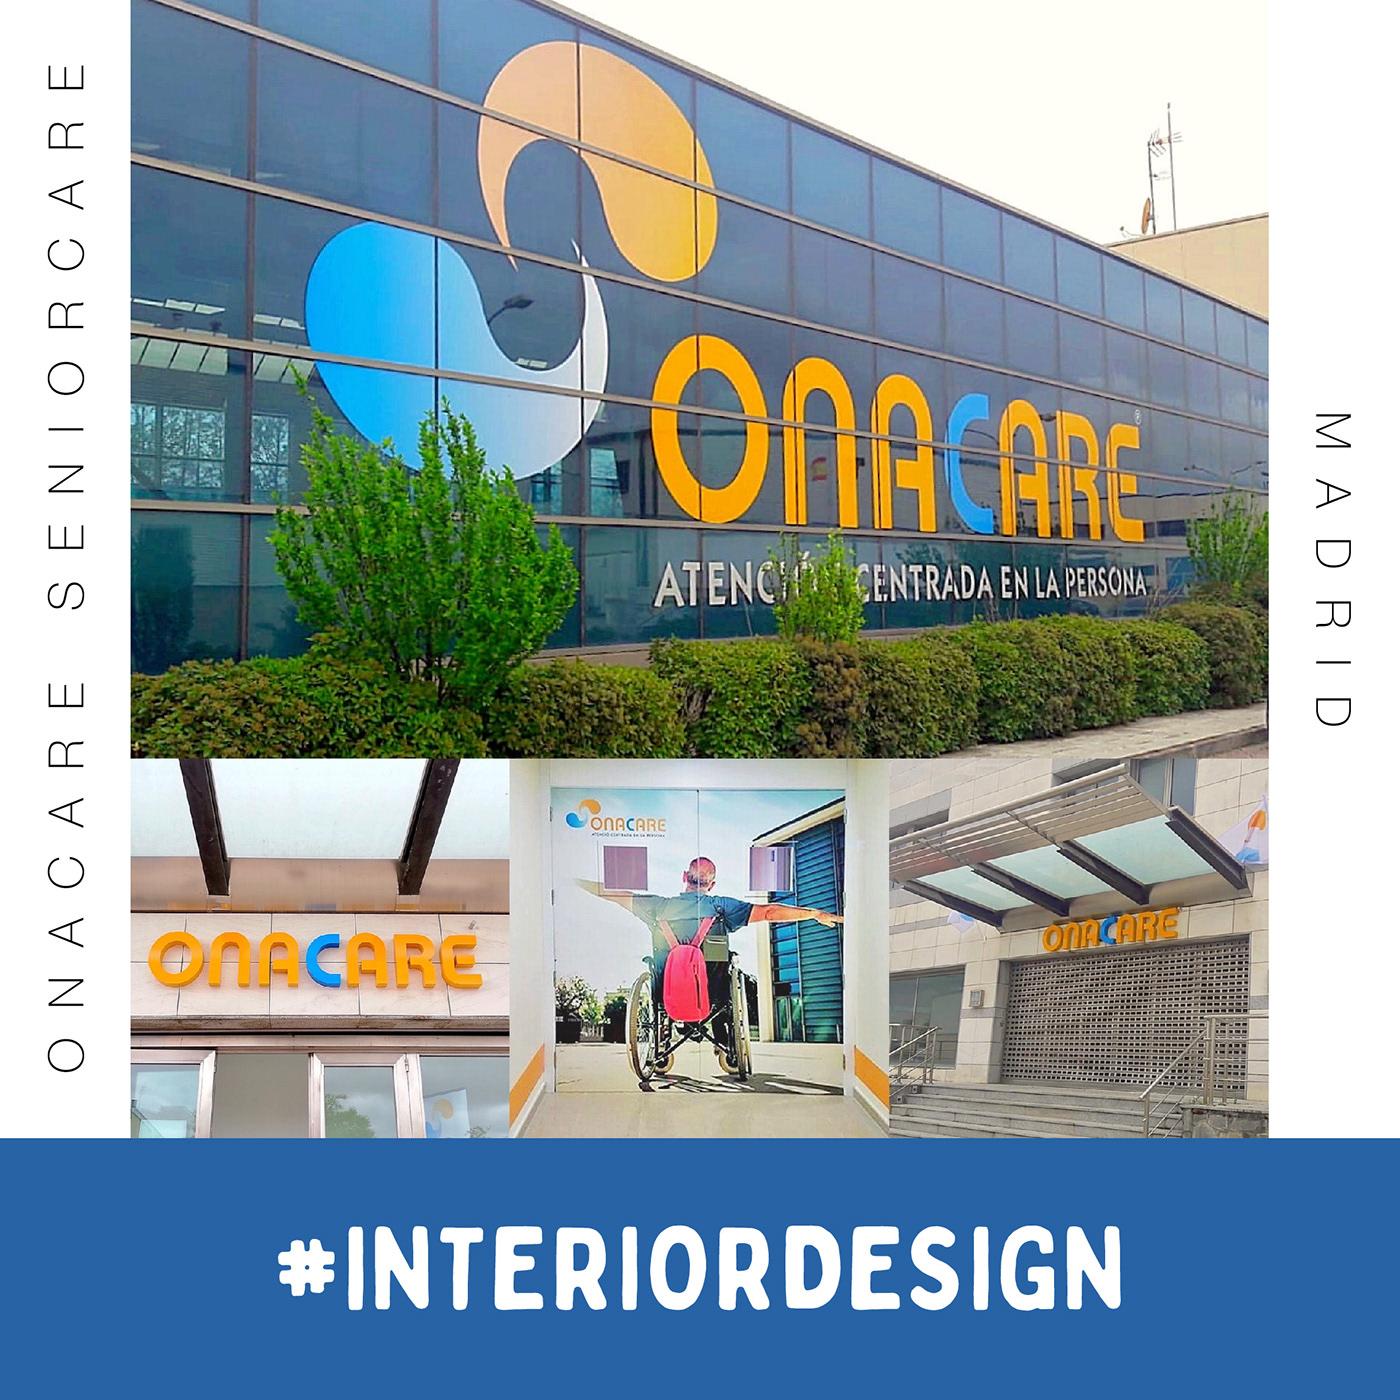 """Naming, identidad visual y gráfica de """"OnaCare"""", empresa centrada en atención a la persona (Madrid)."""